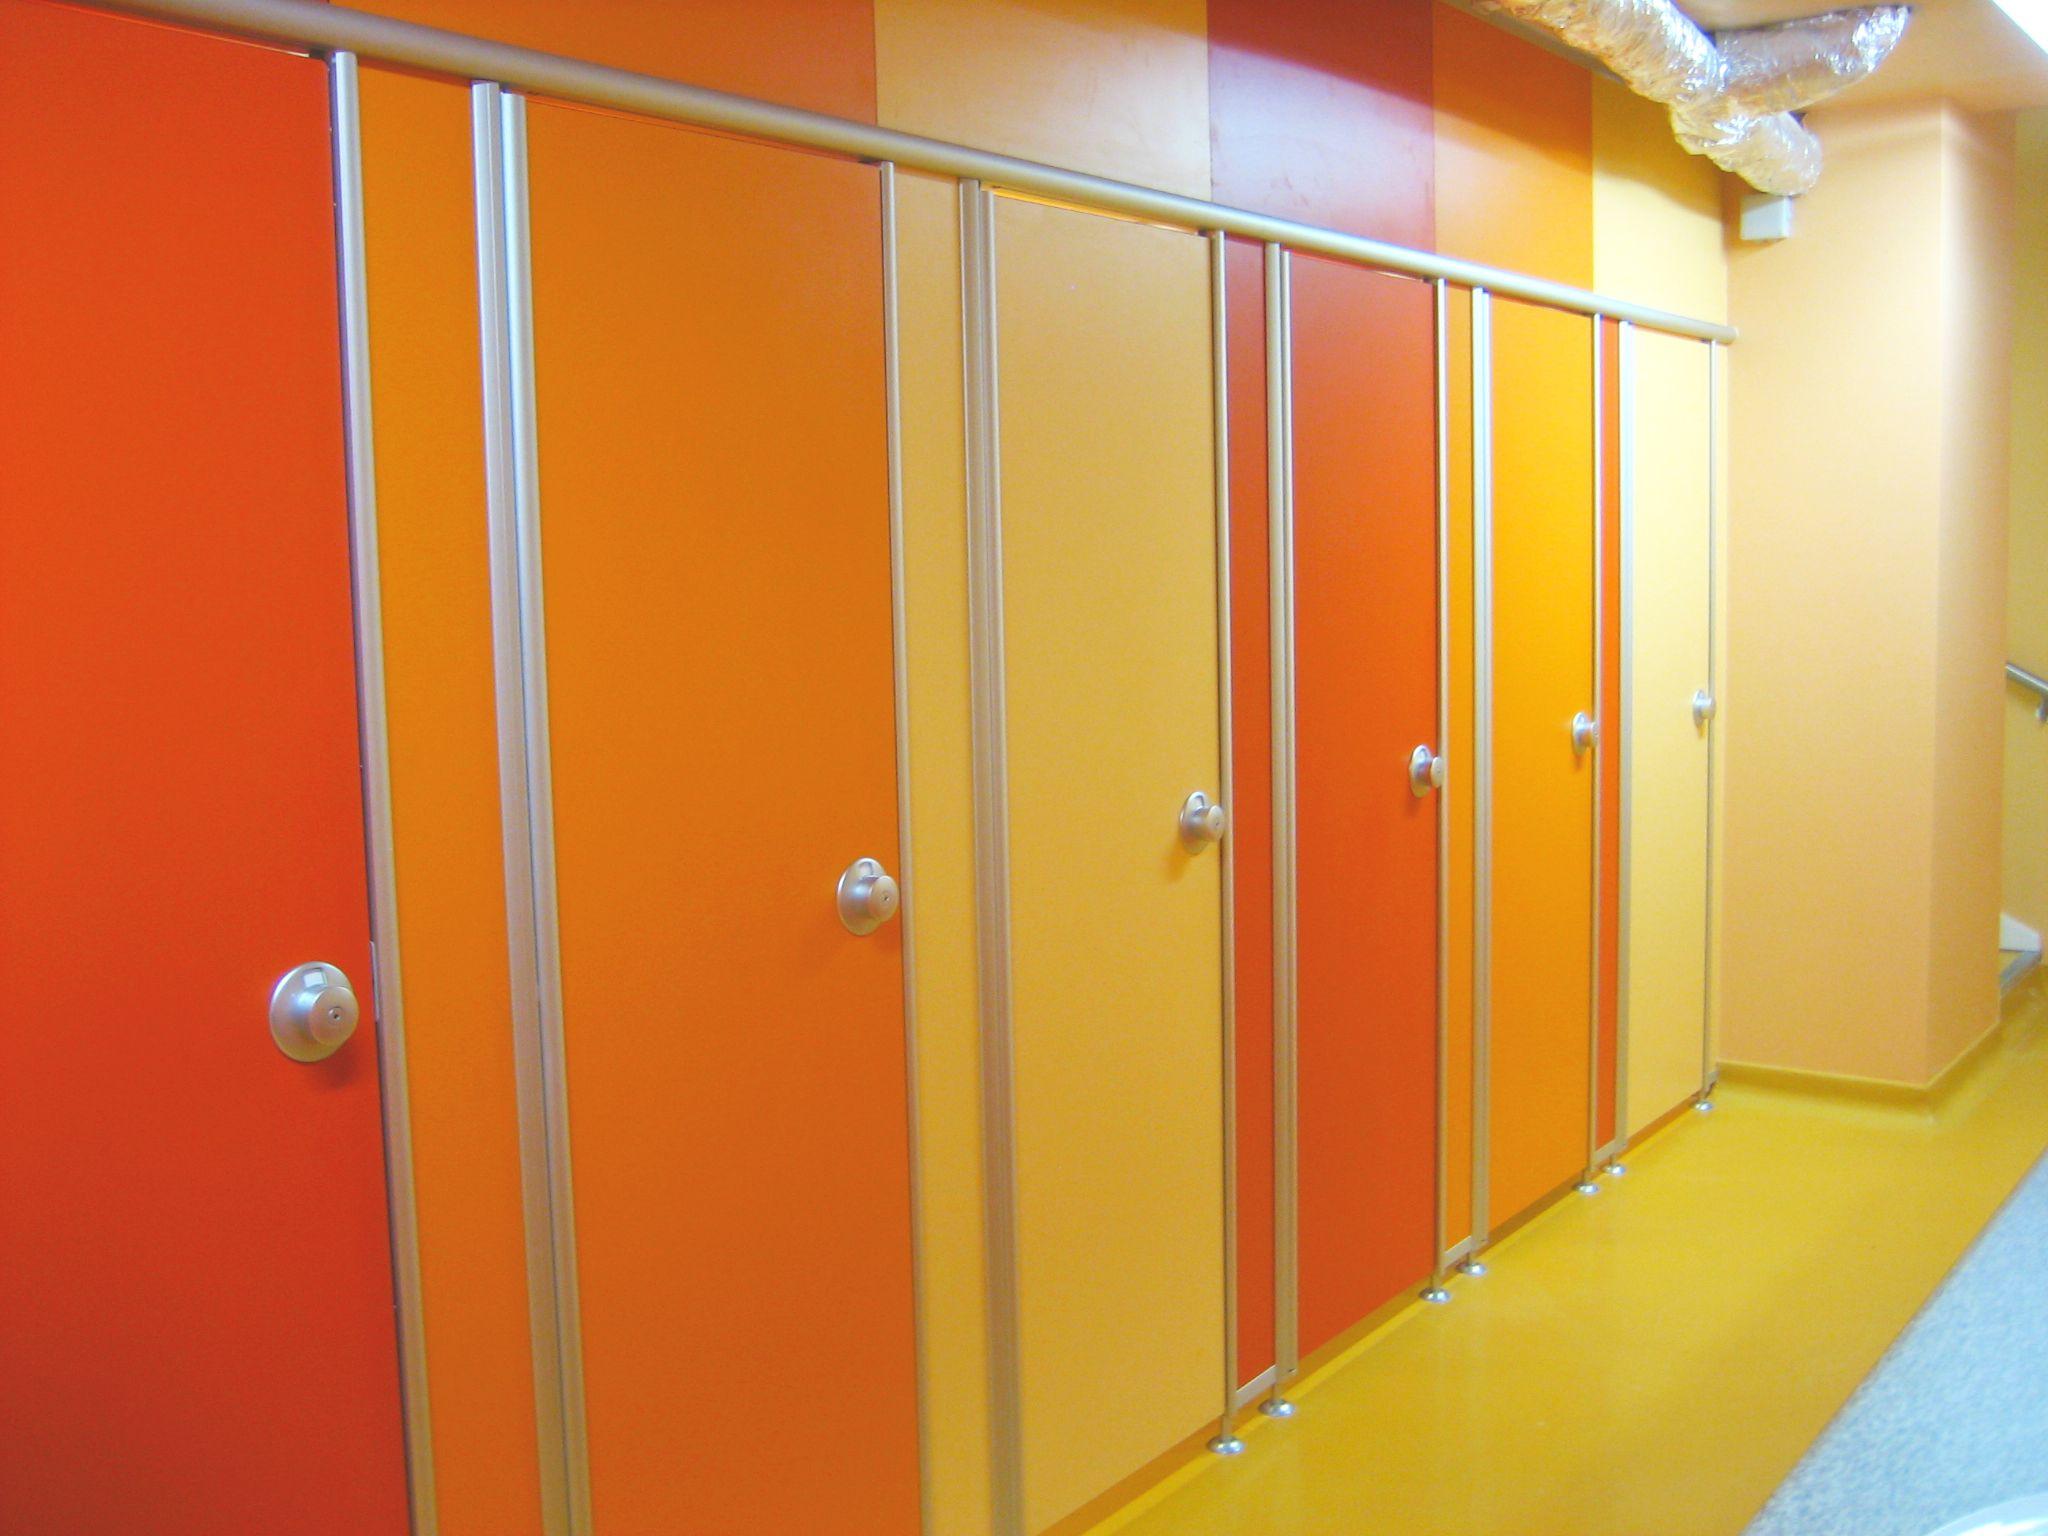 WC-Trennwände | Trennwandsysteme und Raumsysteme